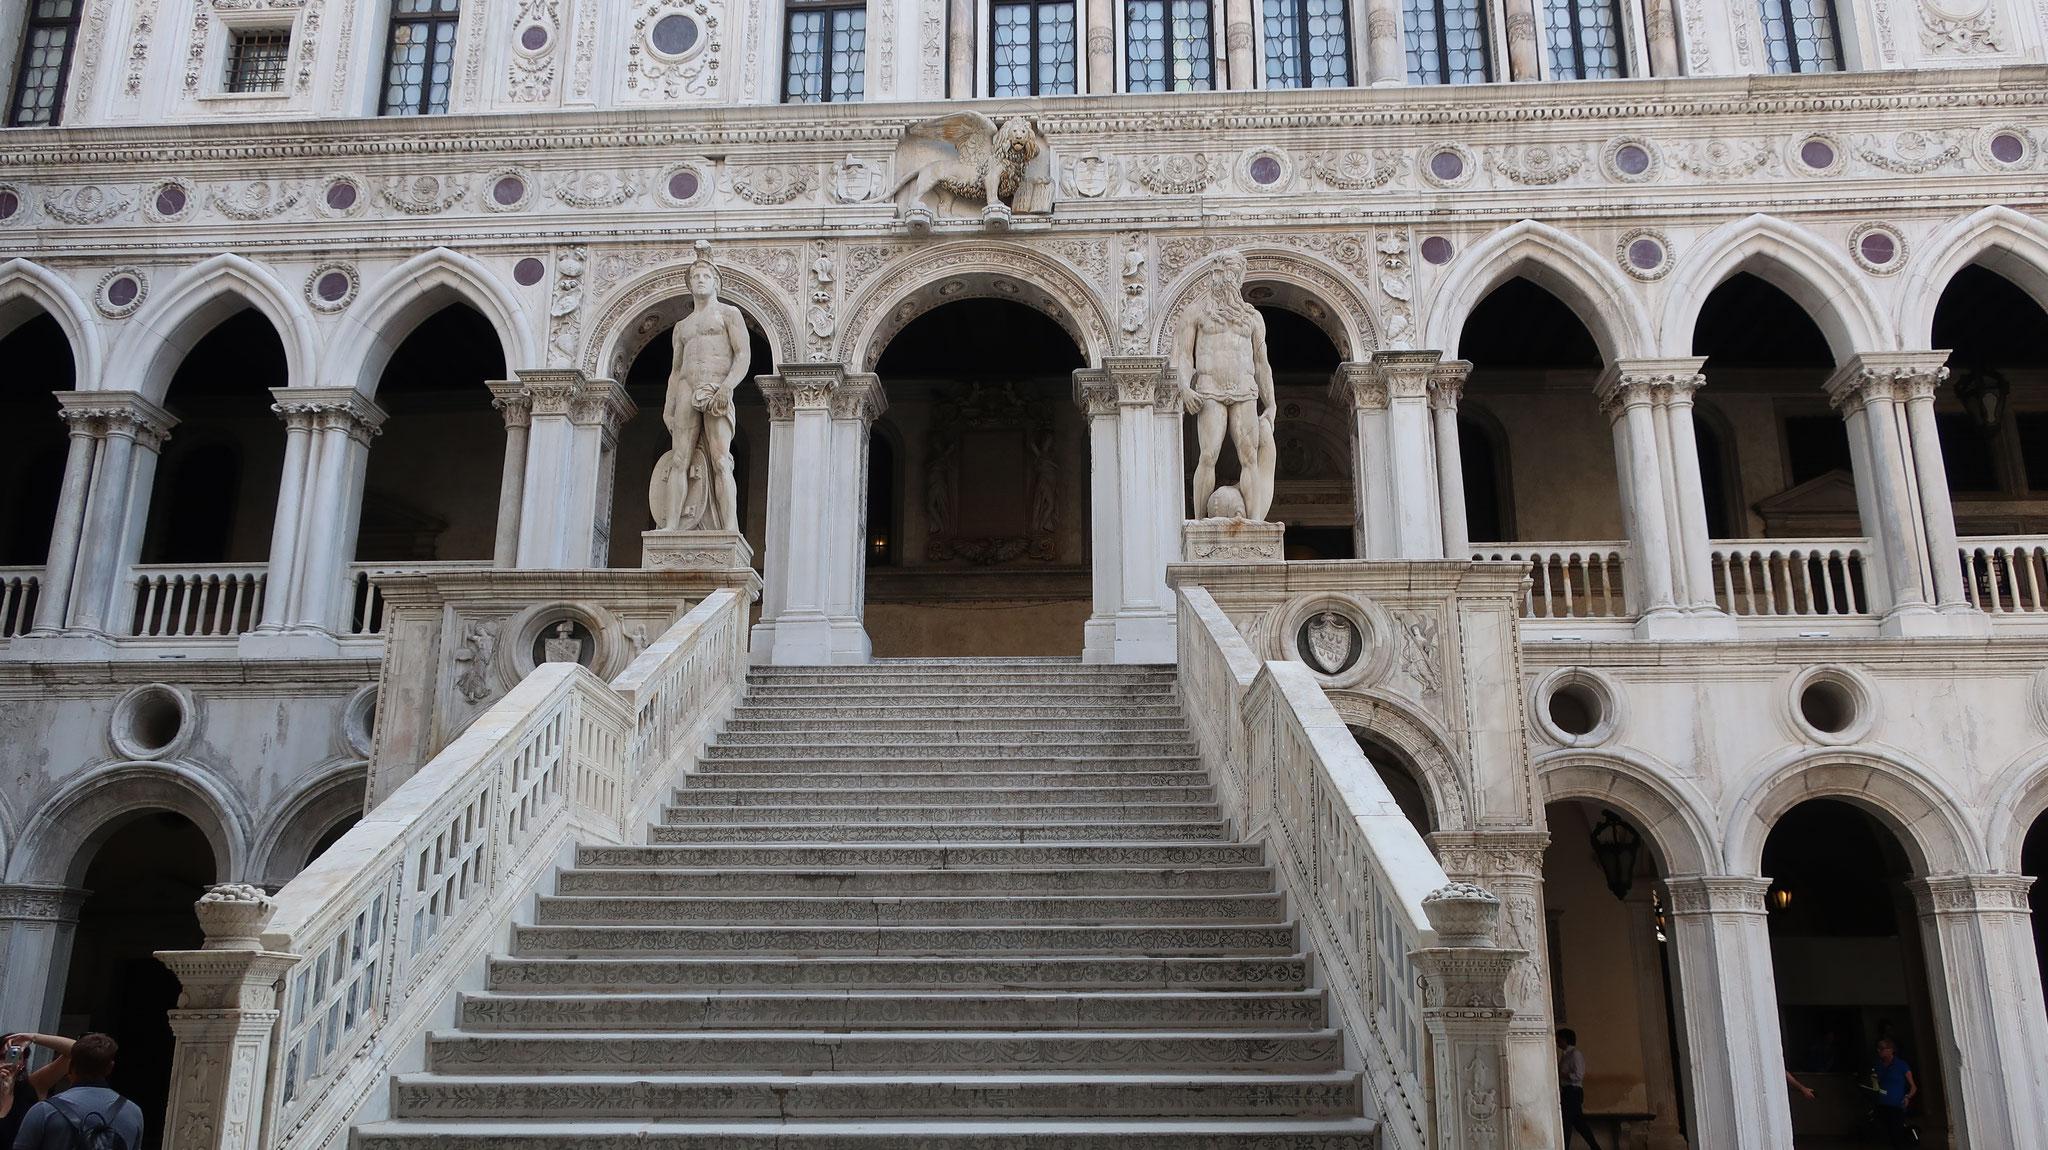 巨人の階段。かつては、布告門を通った要人達は、この階段(15世紀、アントニオ・リッツォ制作)を上って宮殿内に入りました。